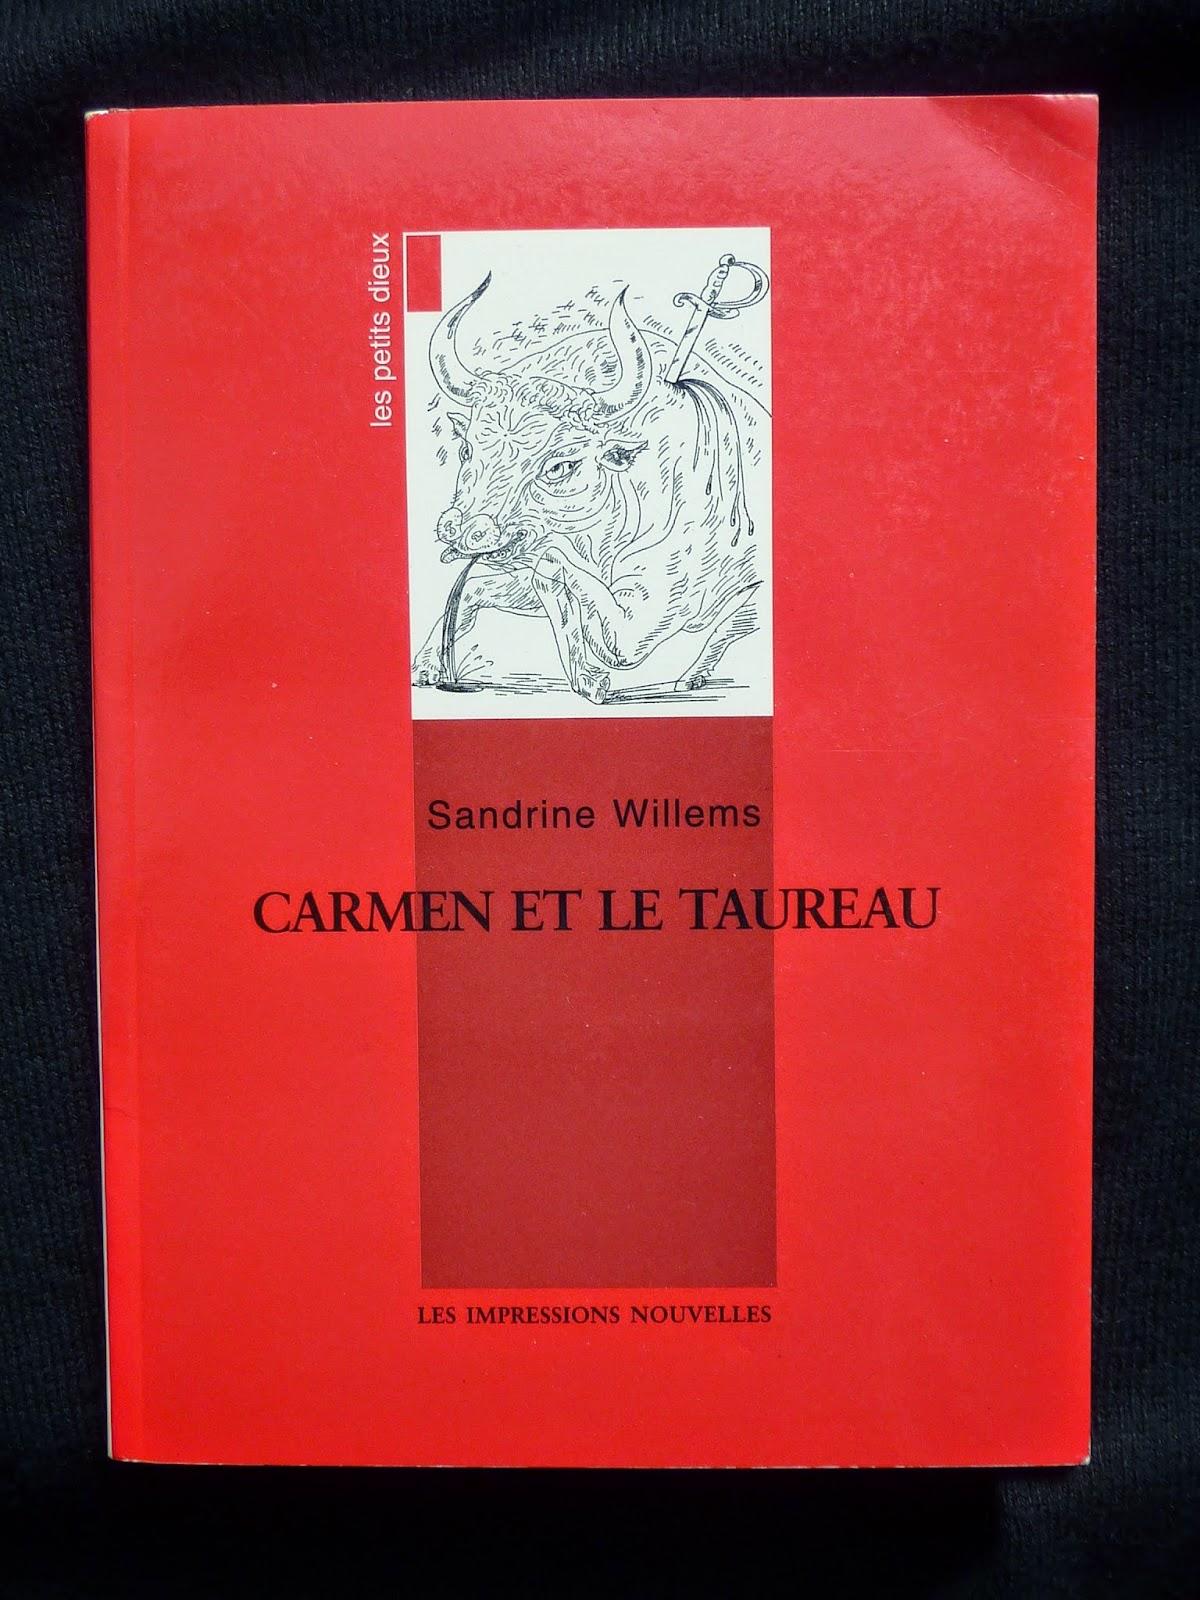 Carmen et le taureau - Sandrine Willems